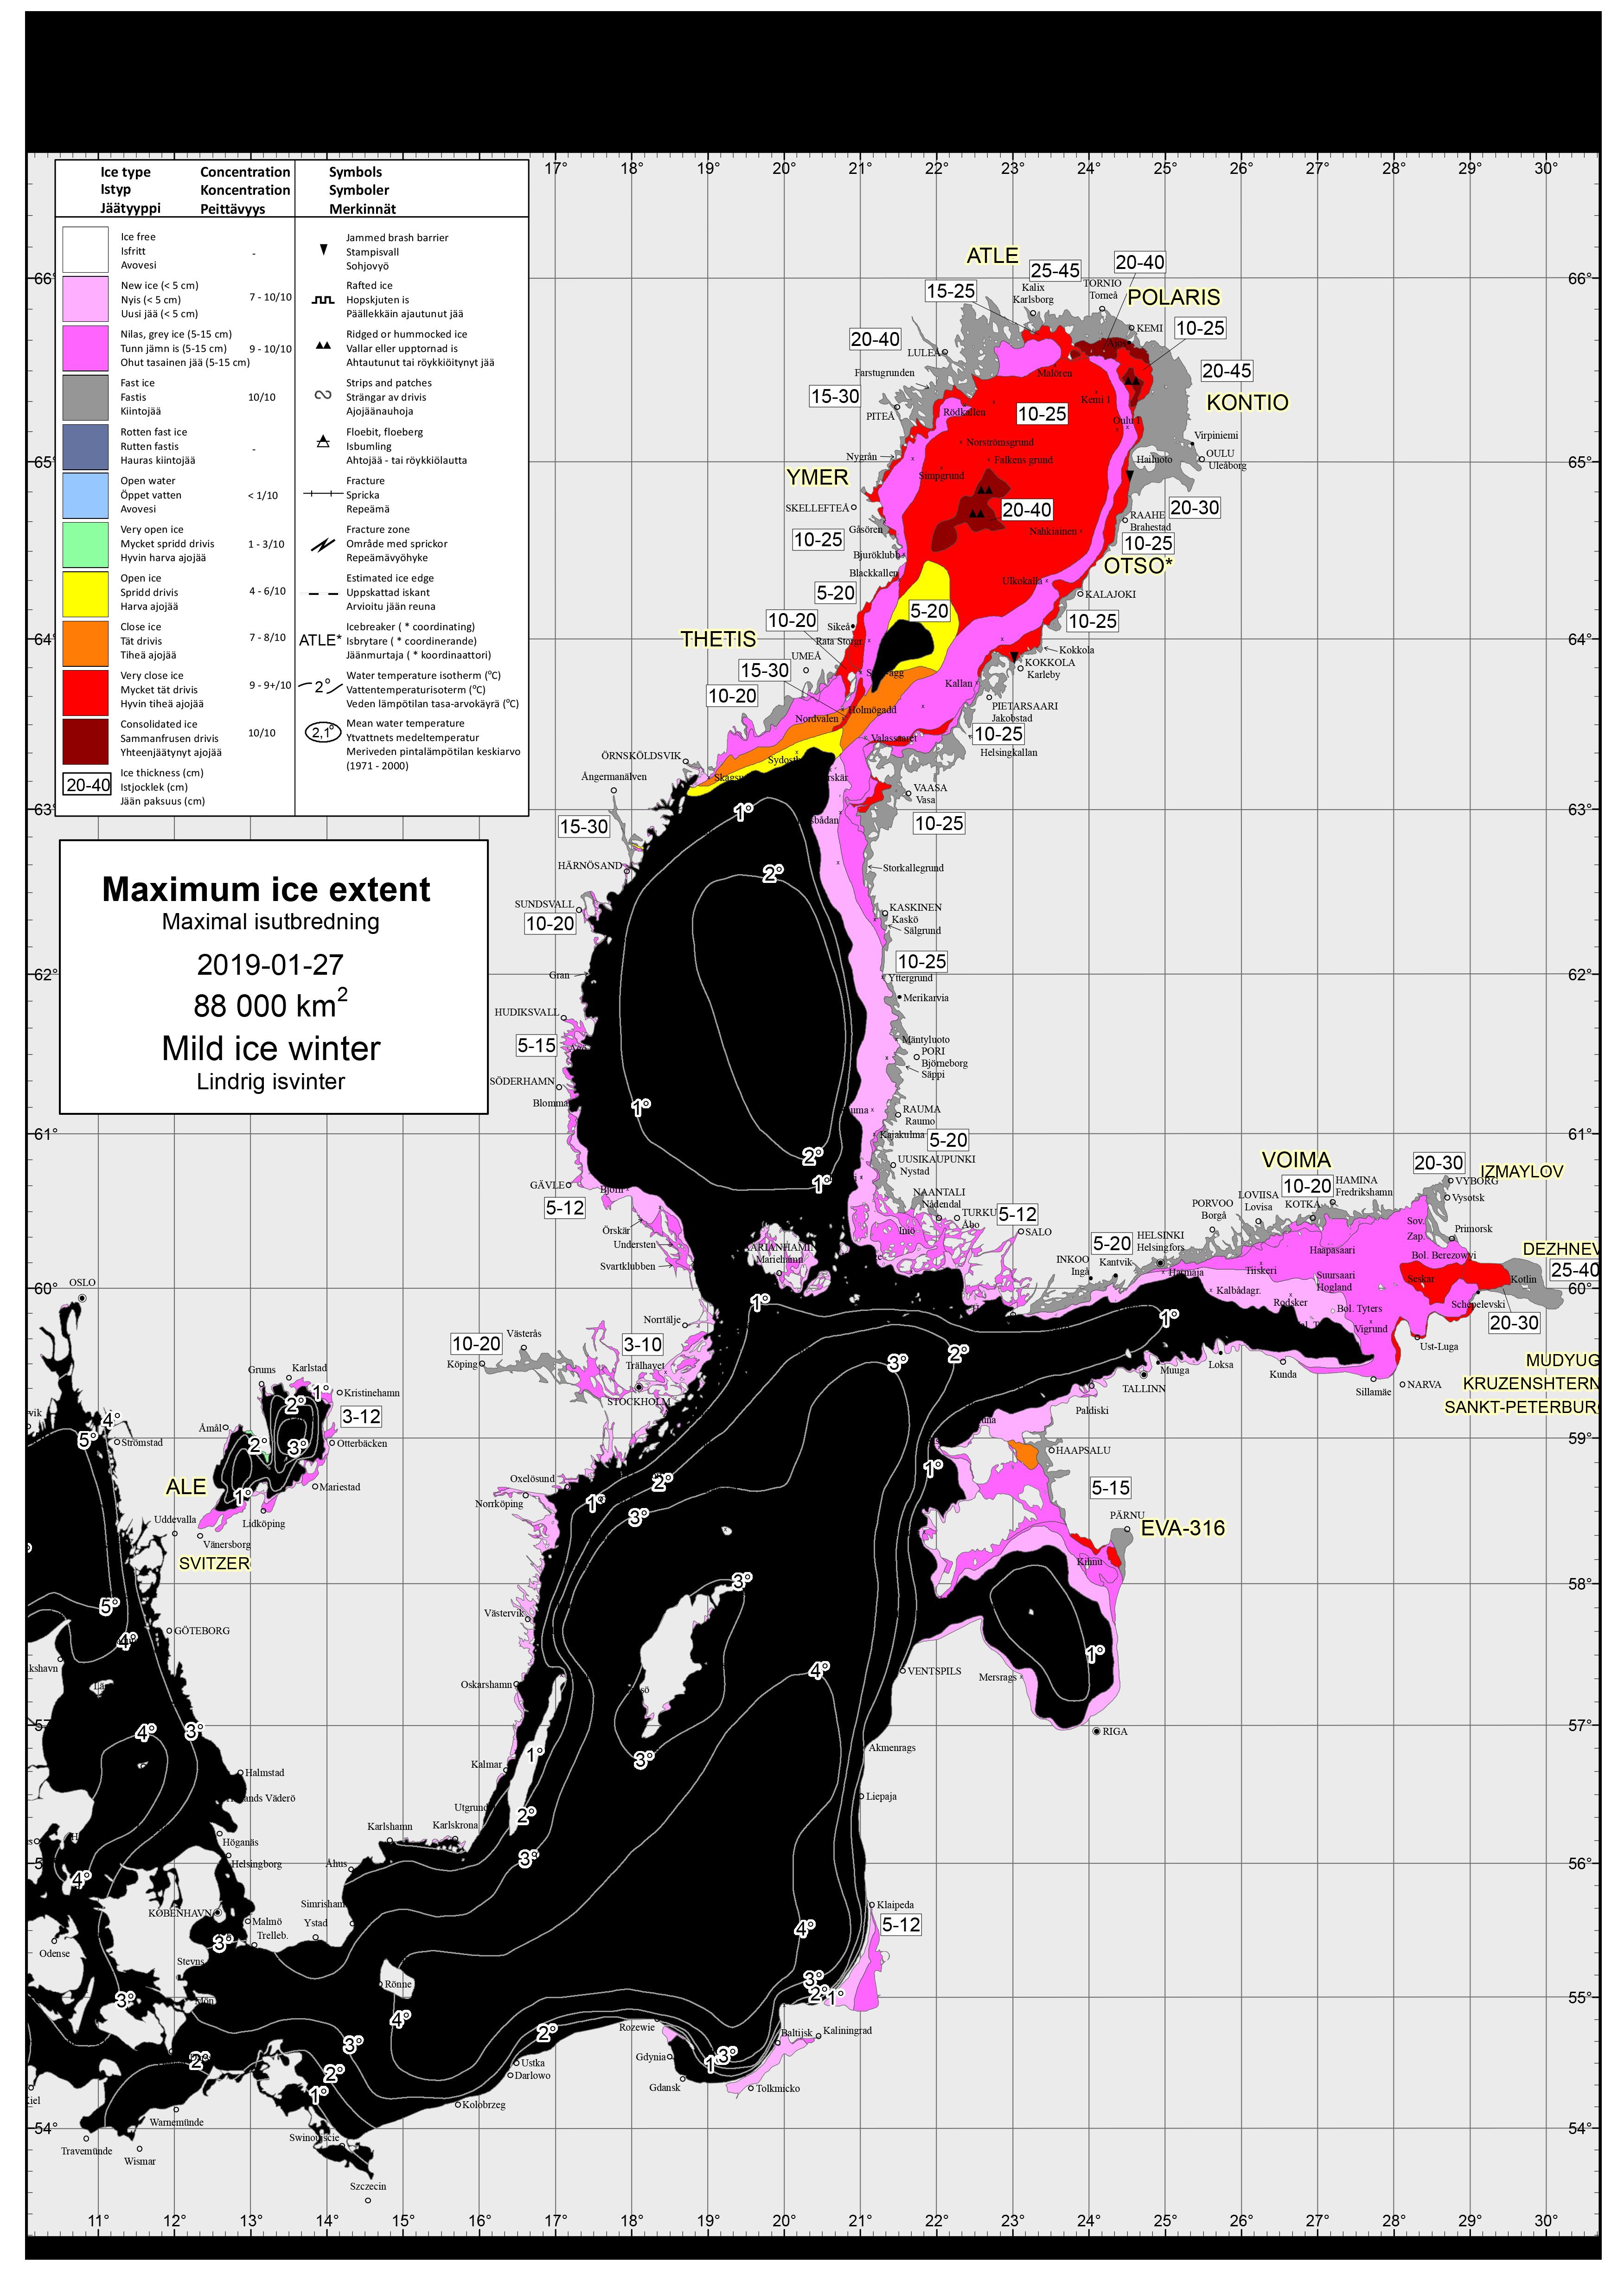 Karta som visar maximal isutbredning 2019.